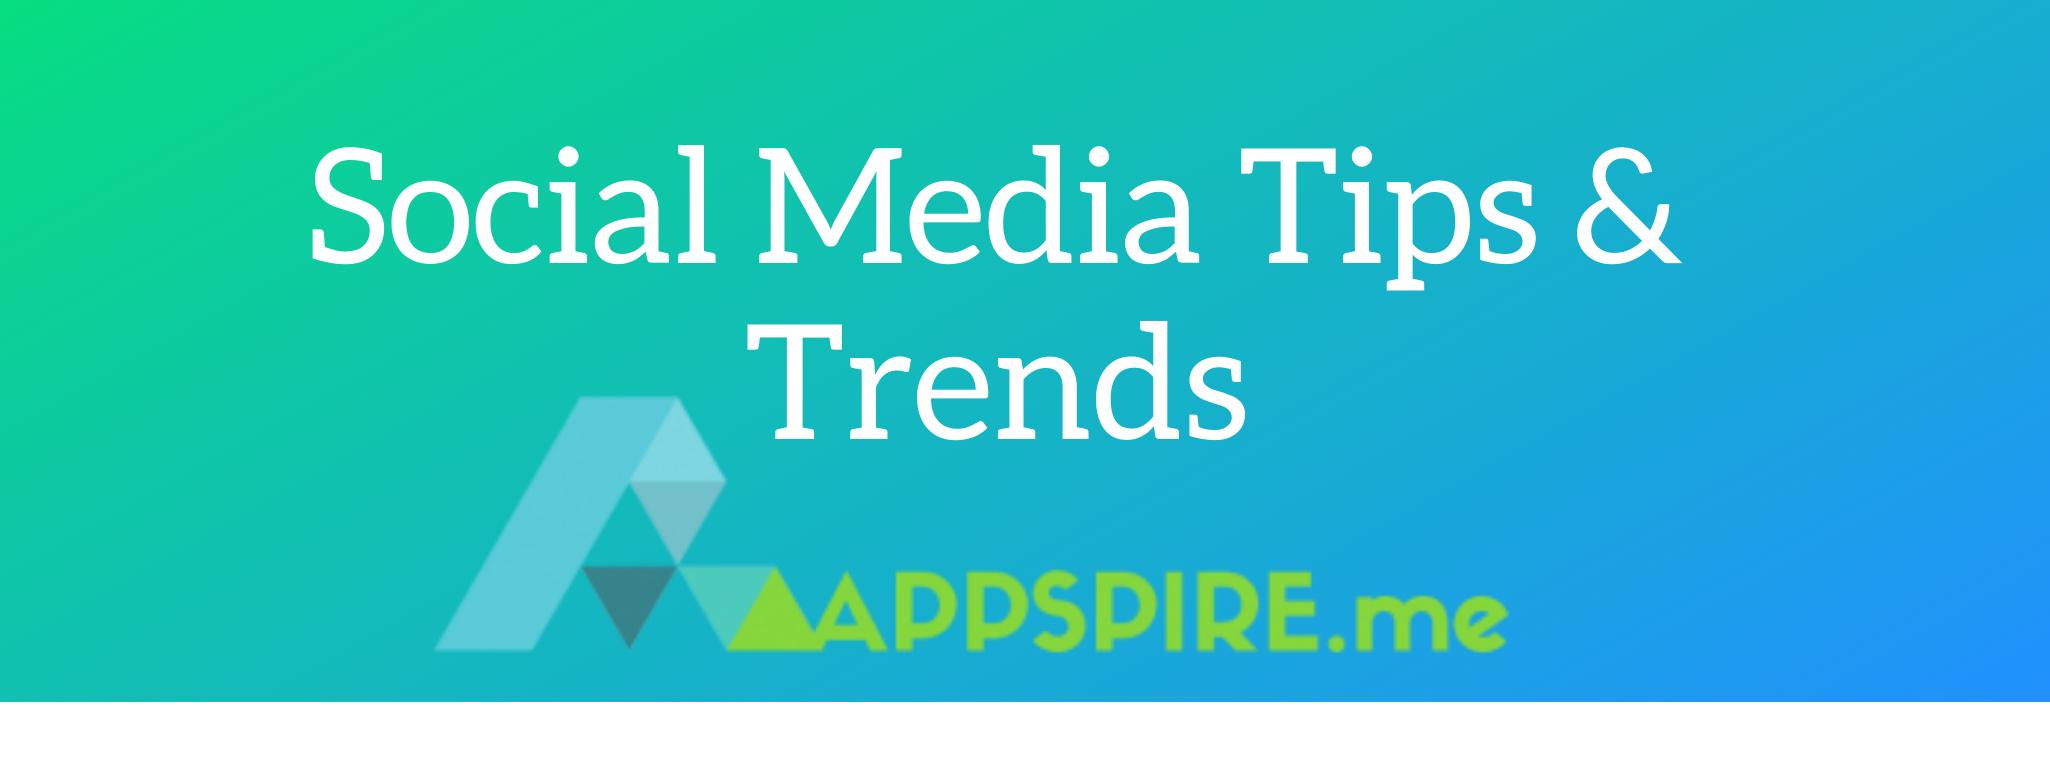 Social Media Marketing Tips & Trends